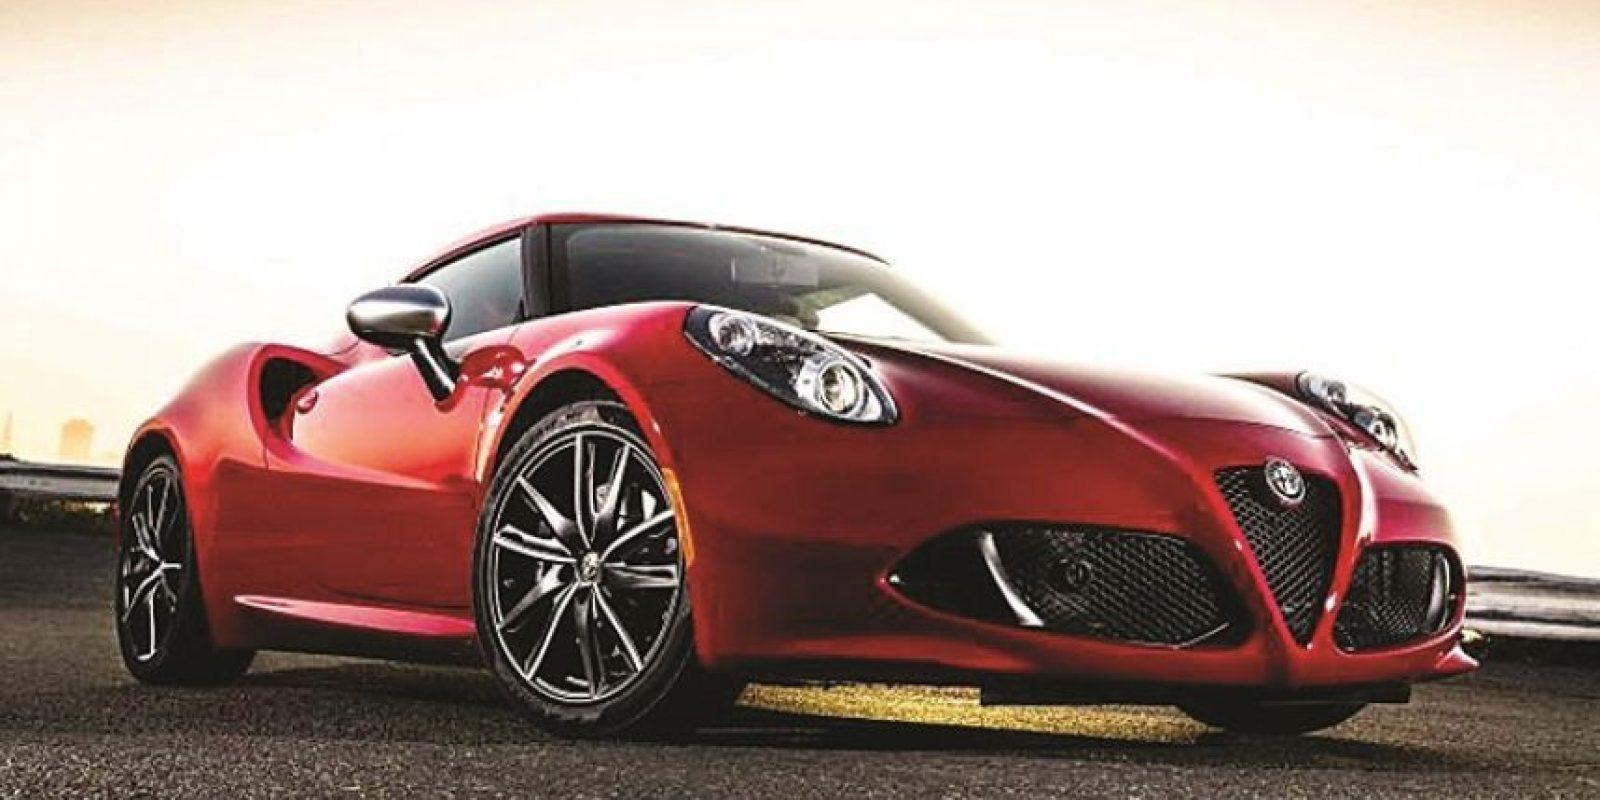 4- Alfa Romeo. 4C. El vehículo, fabricado en Módena, Italia, en una unidad especial dentro de la planta de Maserati, cuenta con un motor turbo de aluminio de 1.750 cc y cuatro cilindros con turbocompresor de nueva generación. Foto:Fuente externa